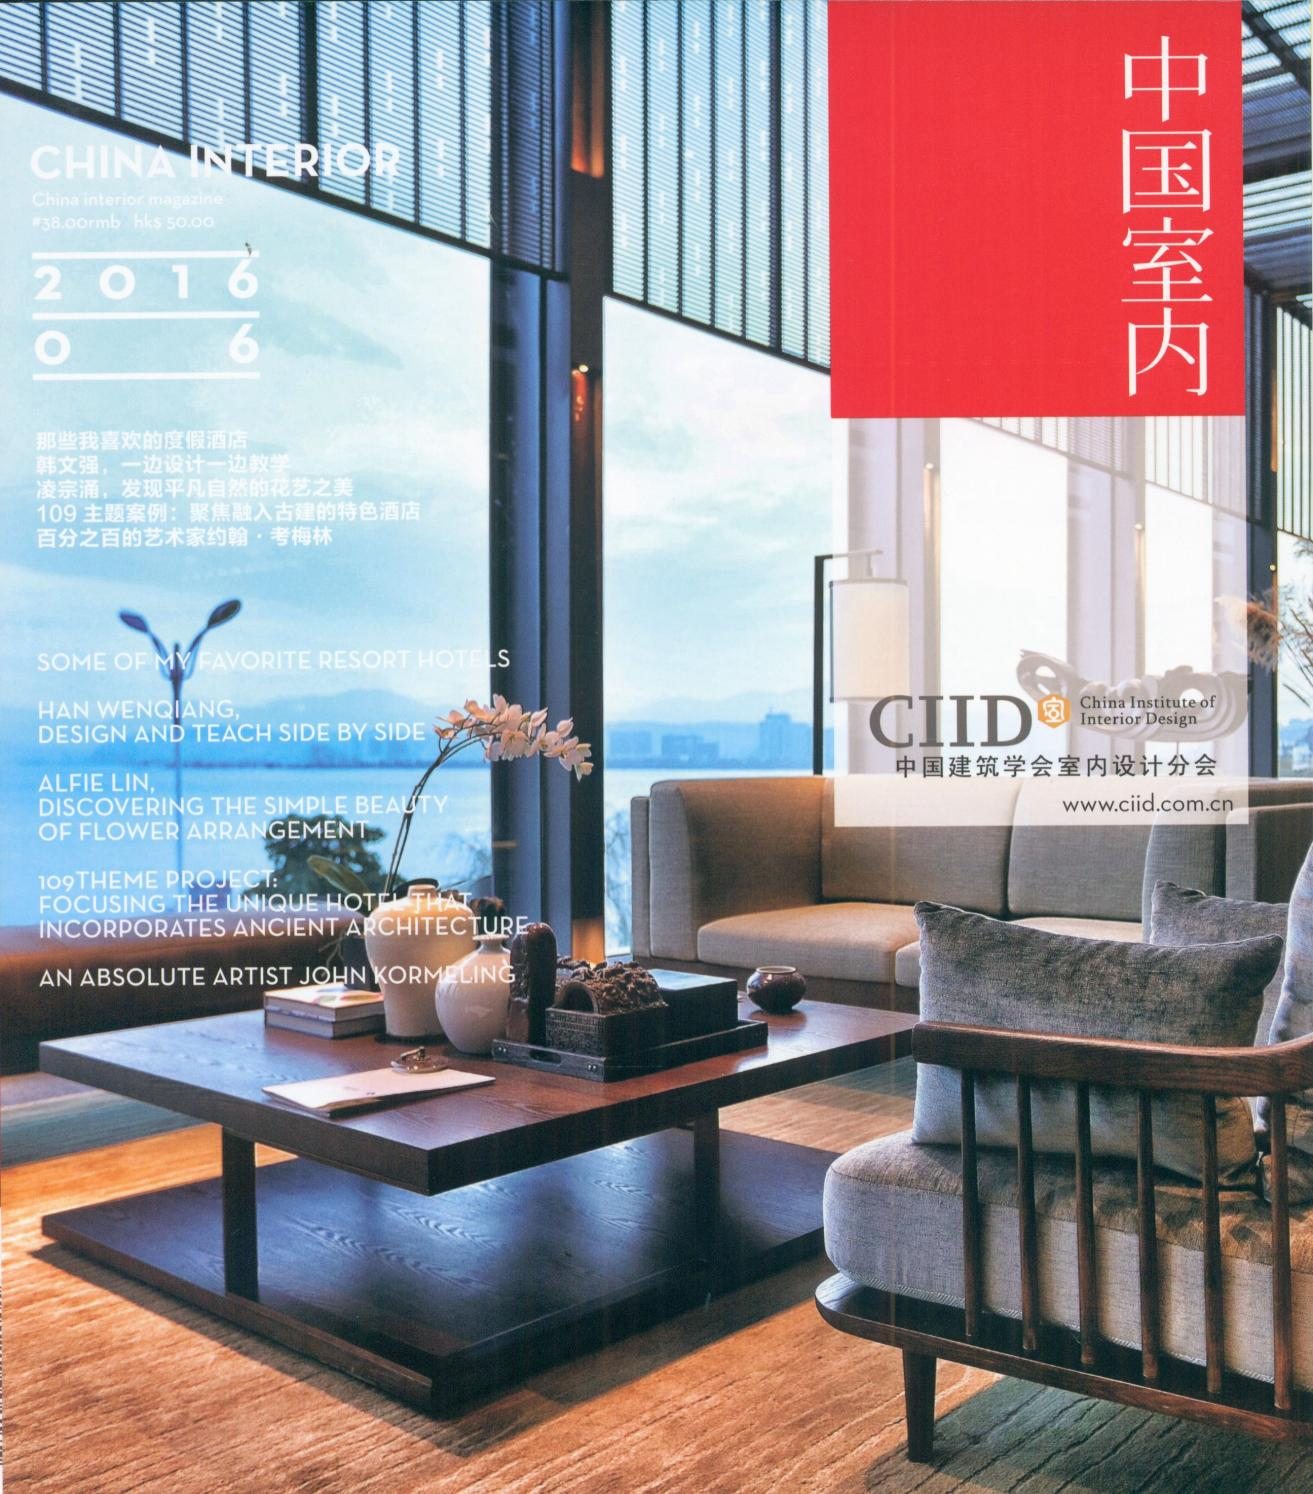 Institute Of Interior Design Part - 49: 201606 ???????????? China Institute Of Interior Design (CIID)